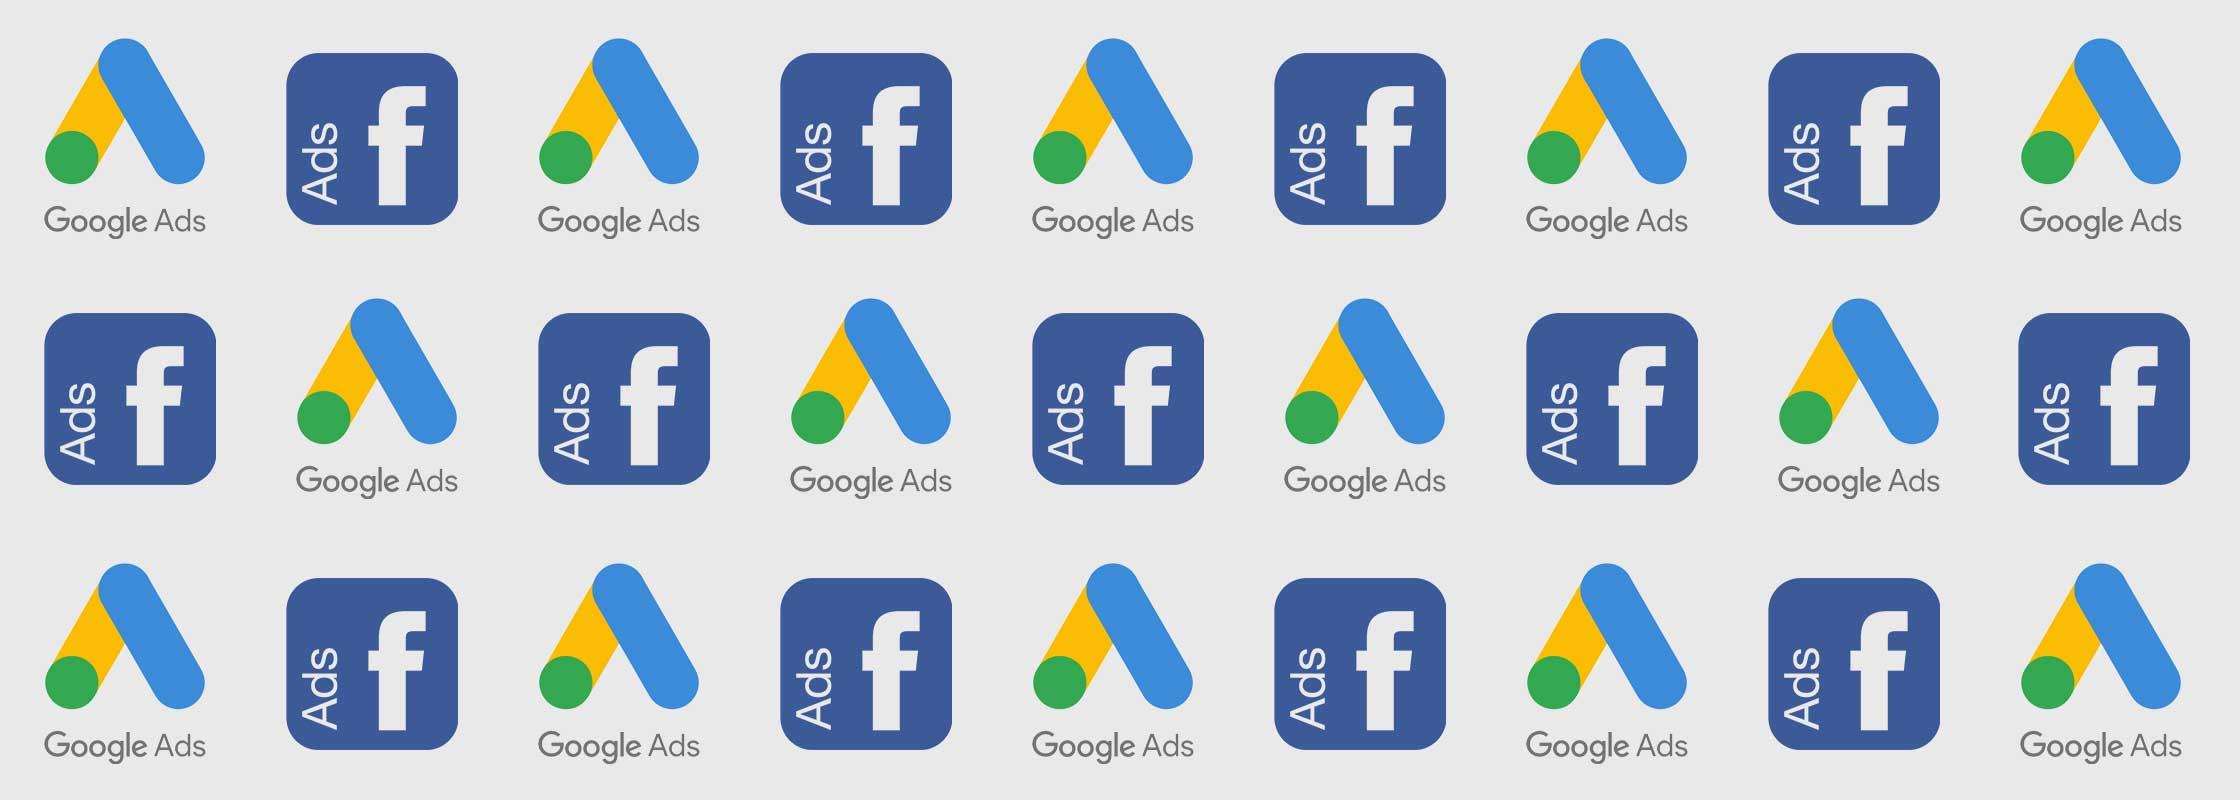 Etna video newsletter message: Google or Facebook ads? (Or both?)